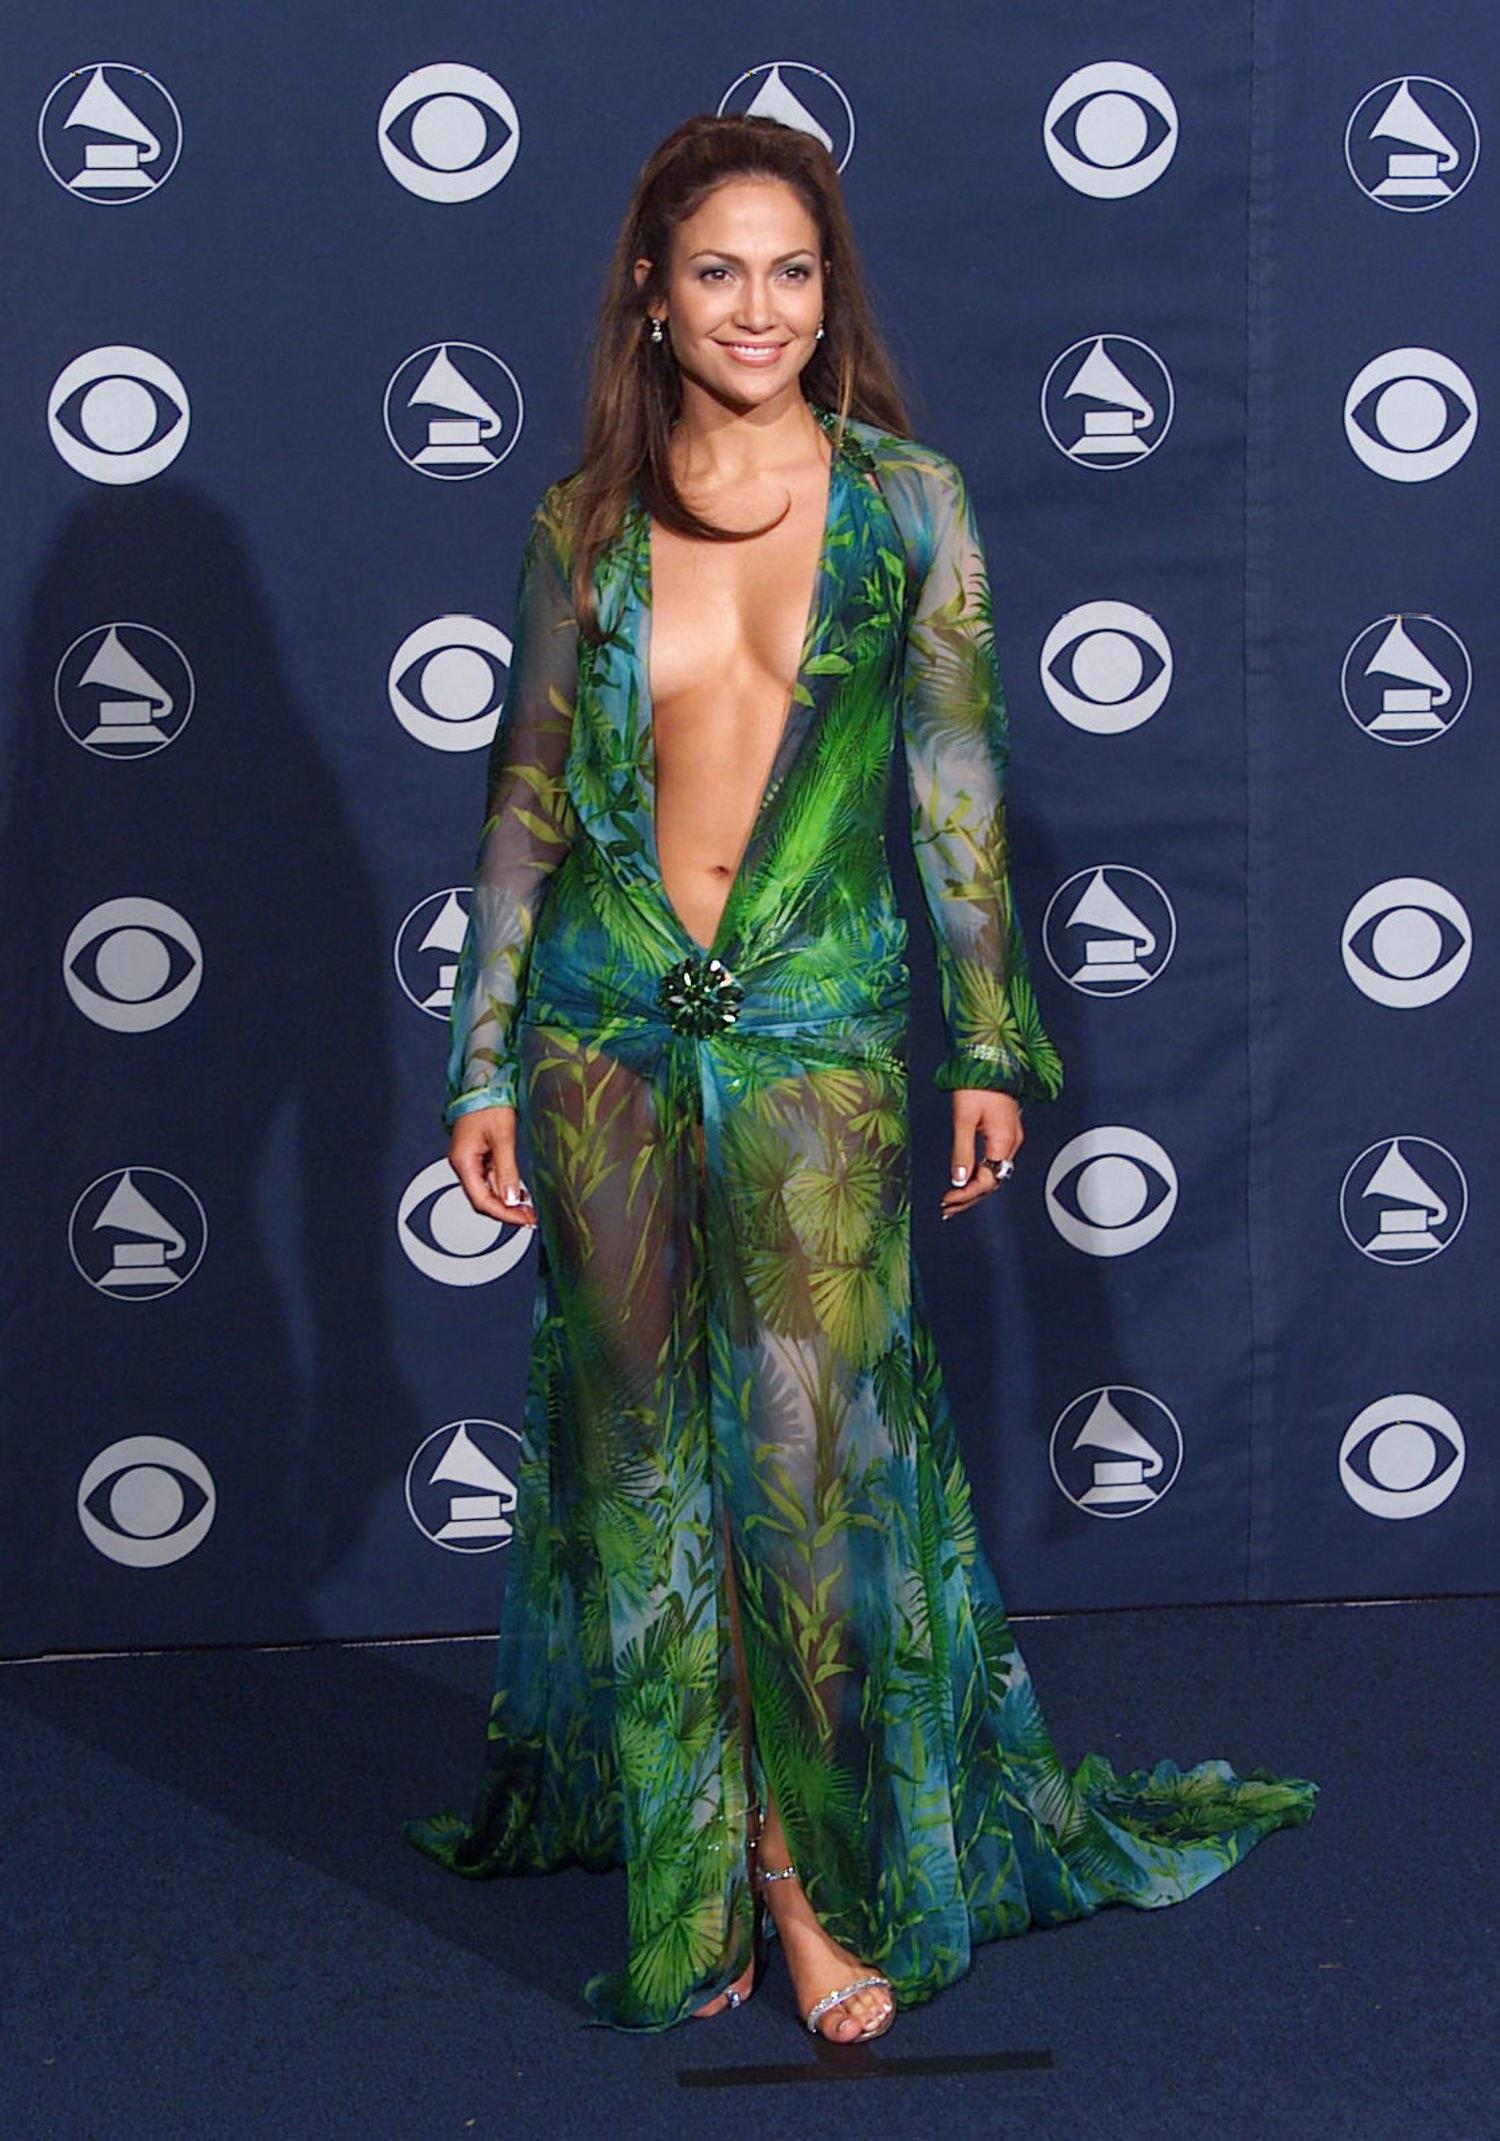 Twitter Young Jennifer Lopeza naked photo 2017